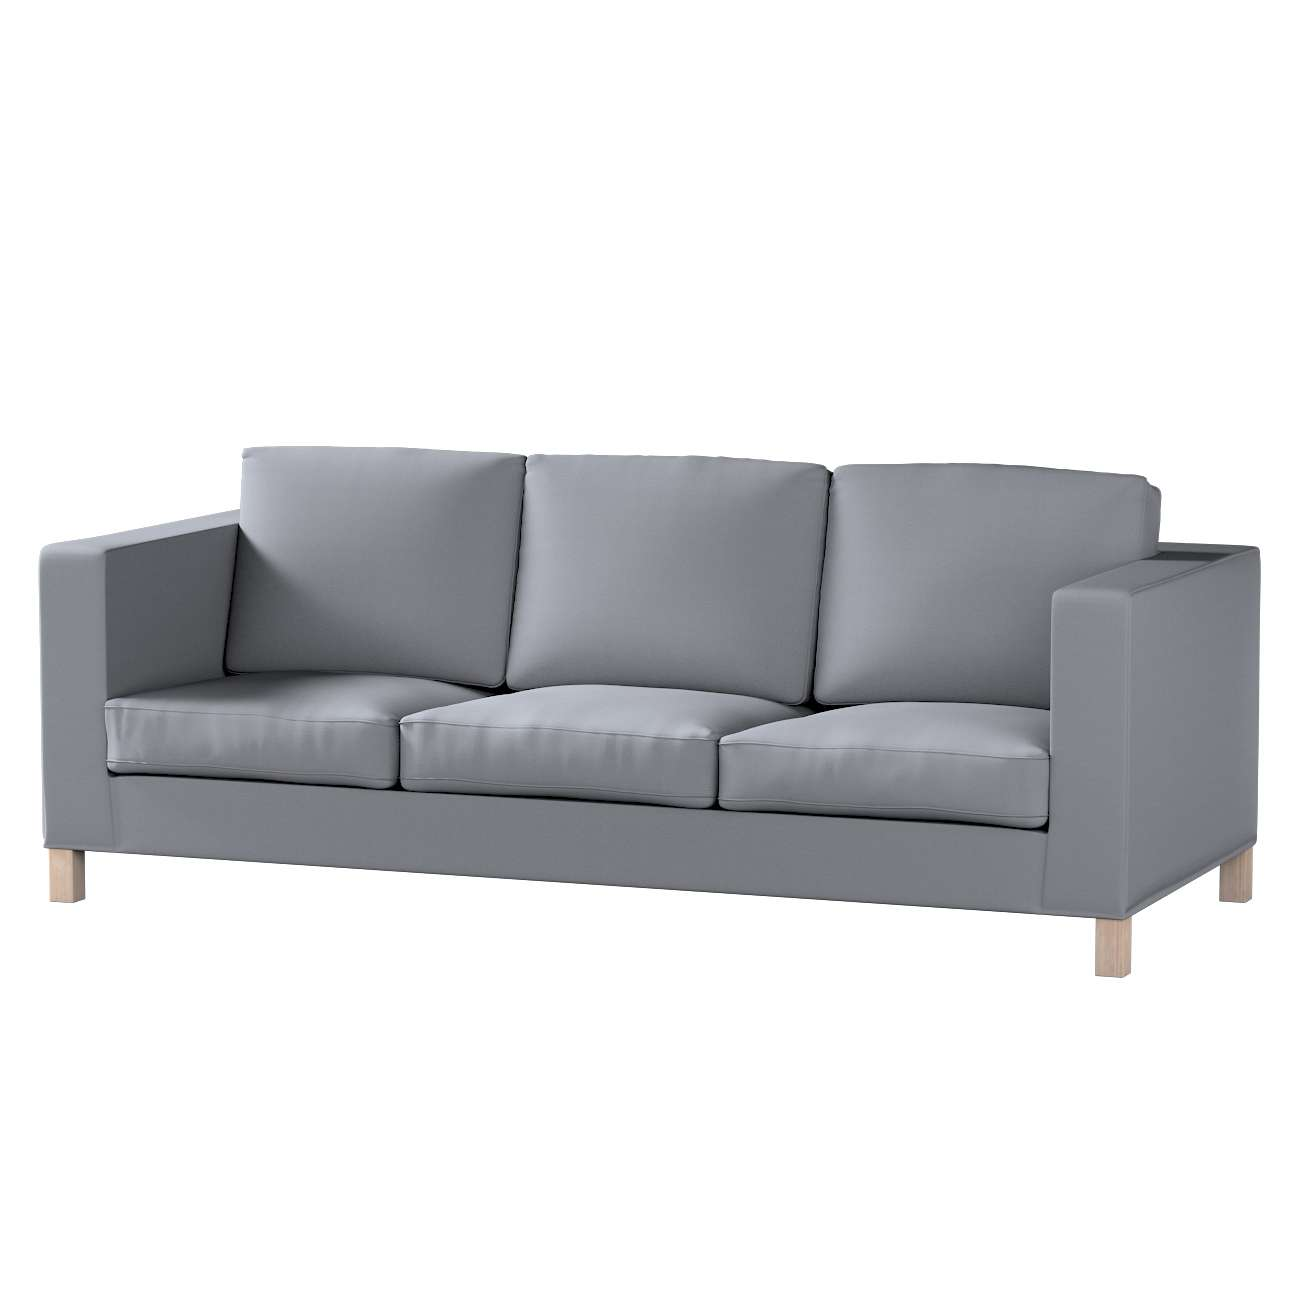 Bezug für Karlanda 3-Sitzer Sofa nicht ausklappbar, kurz von der Kollektion Cotton Panama, Stoff: 702-07